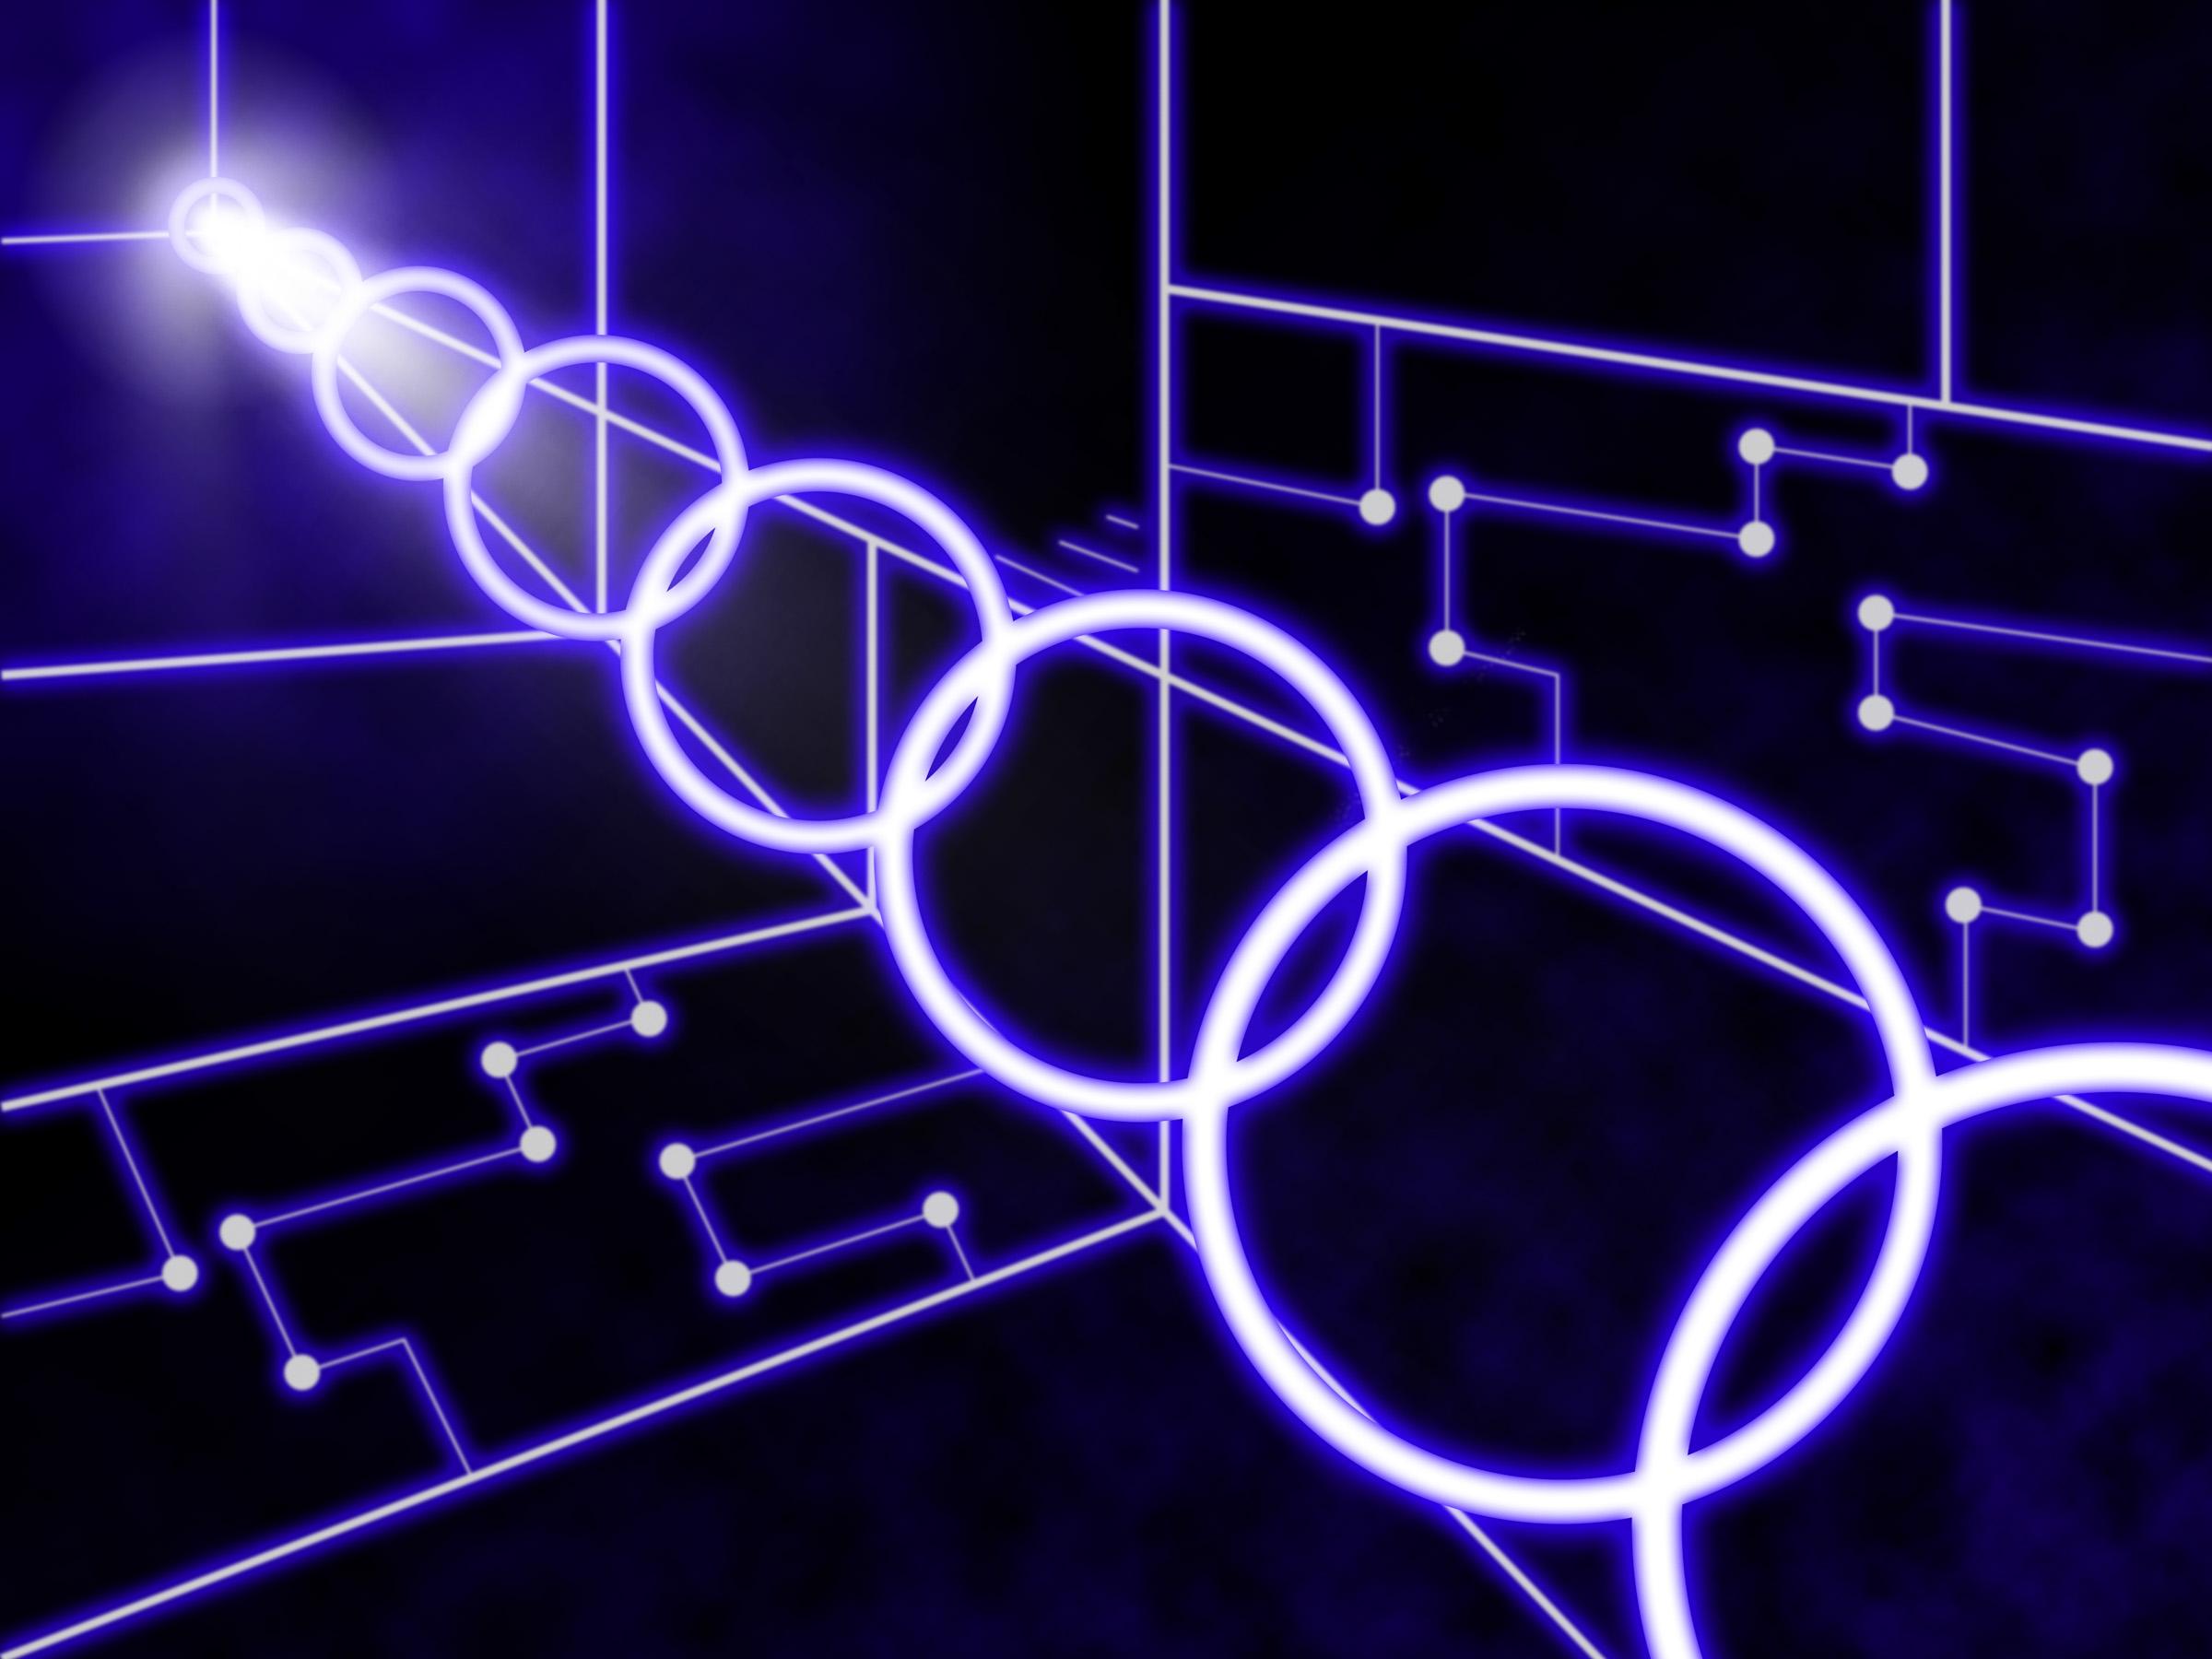 Structured Ultrashort Light Pulses